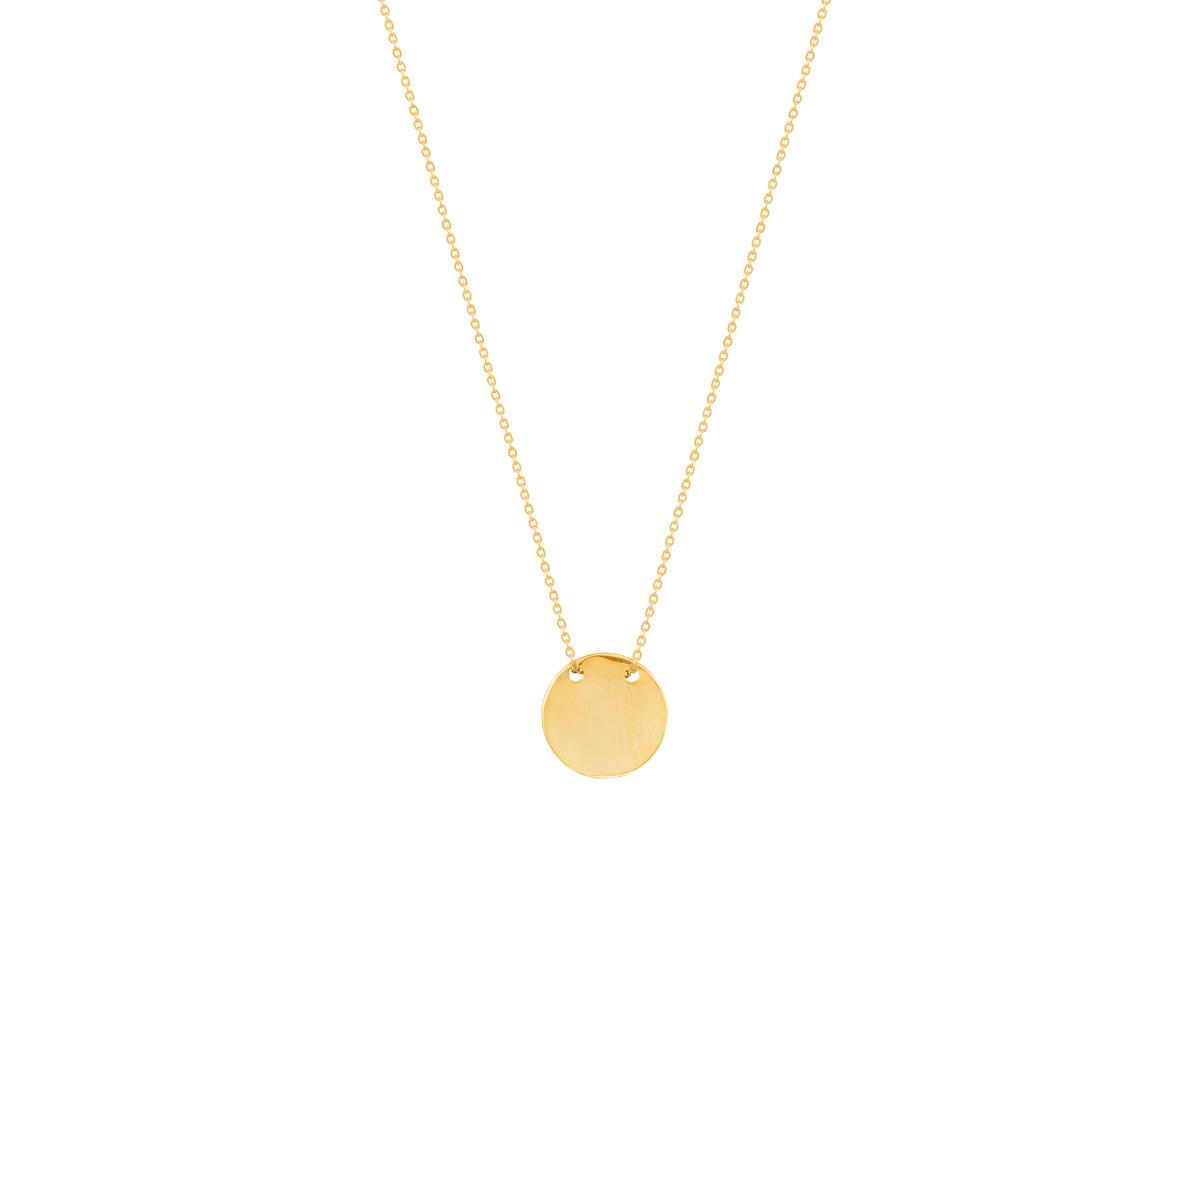 گردنبند طلا دایره حکاکی کوچک